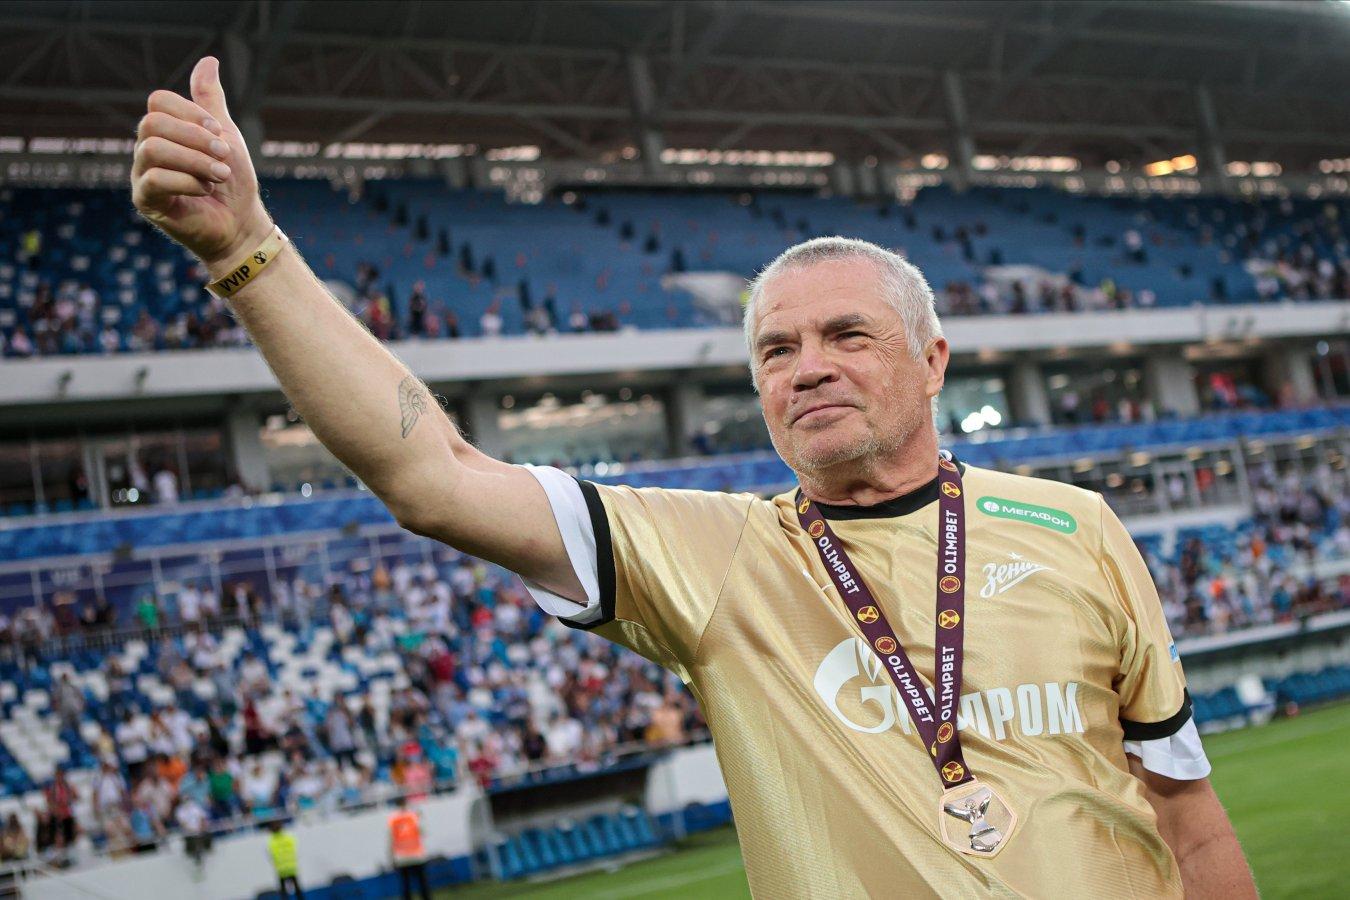 Гендиректор «Зенита» рассказал о переговорах с РФС и УЕФА относительно матча с «Челси»